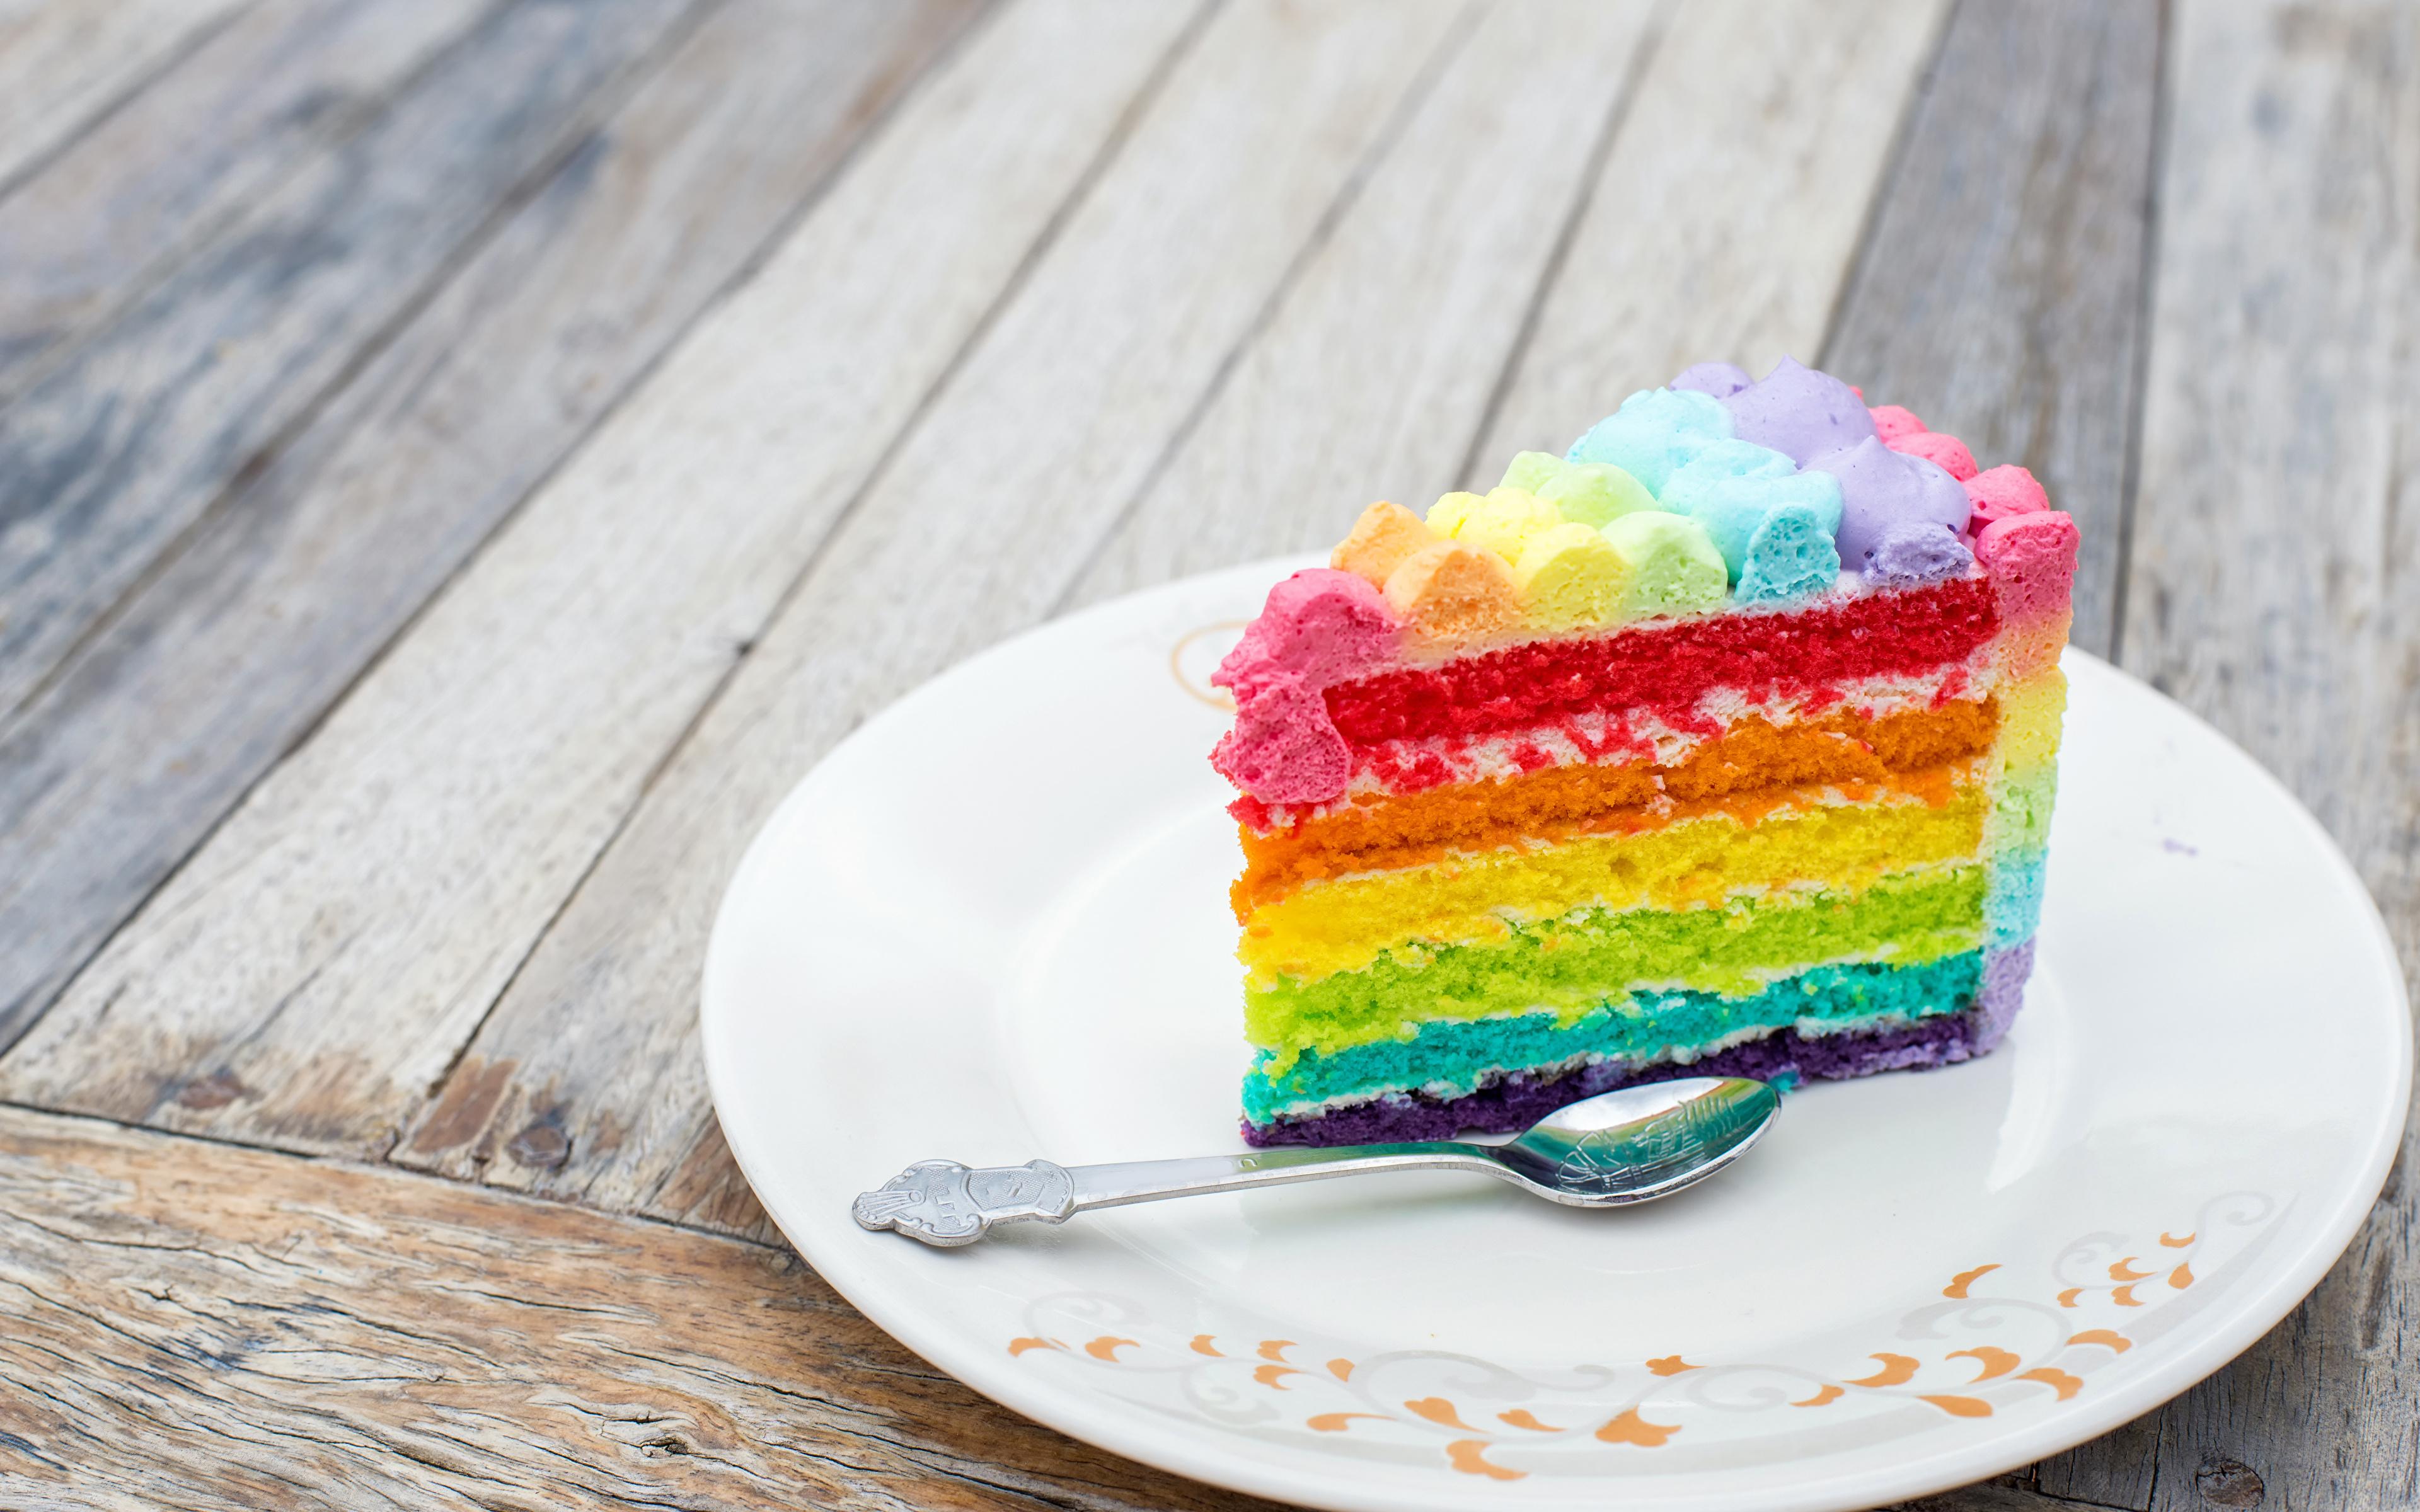 Картинка Разноцветные Торты кусочек Еда Ложка Тарелка 3840x2400 часть Кусок кусочки Пища ложки тарелке Продукты питания